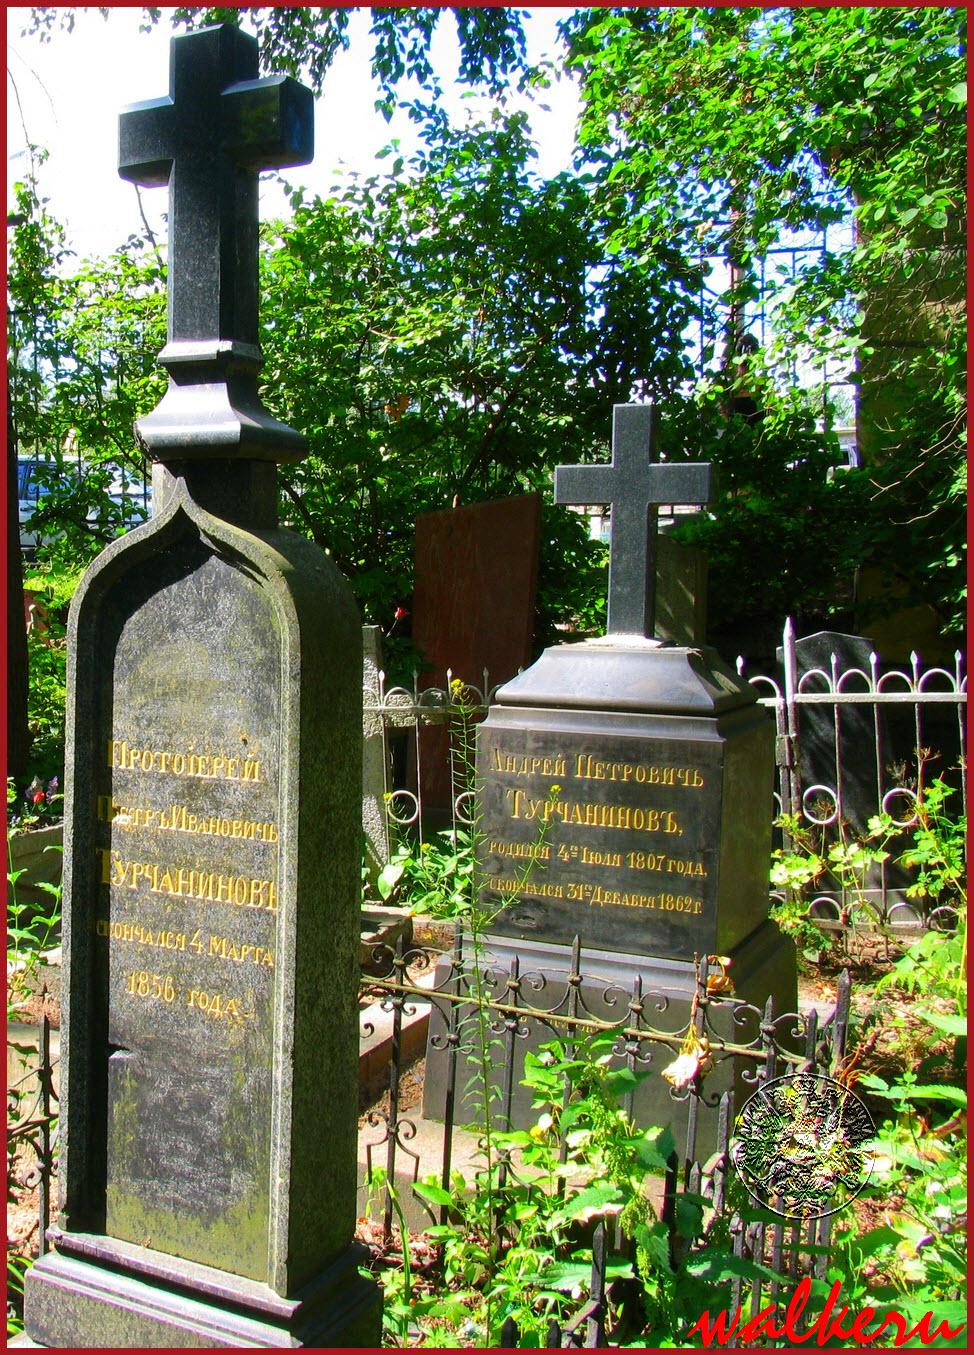 Могила Турчанинова П.И. на Большеохтинском кладбище